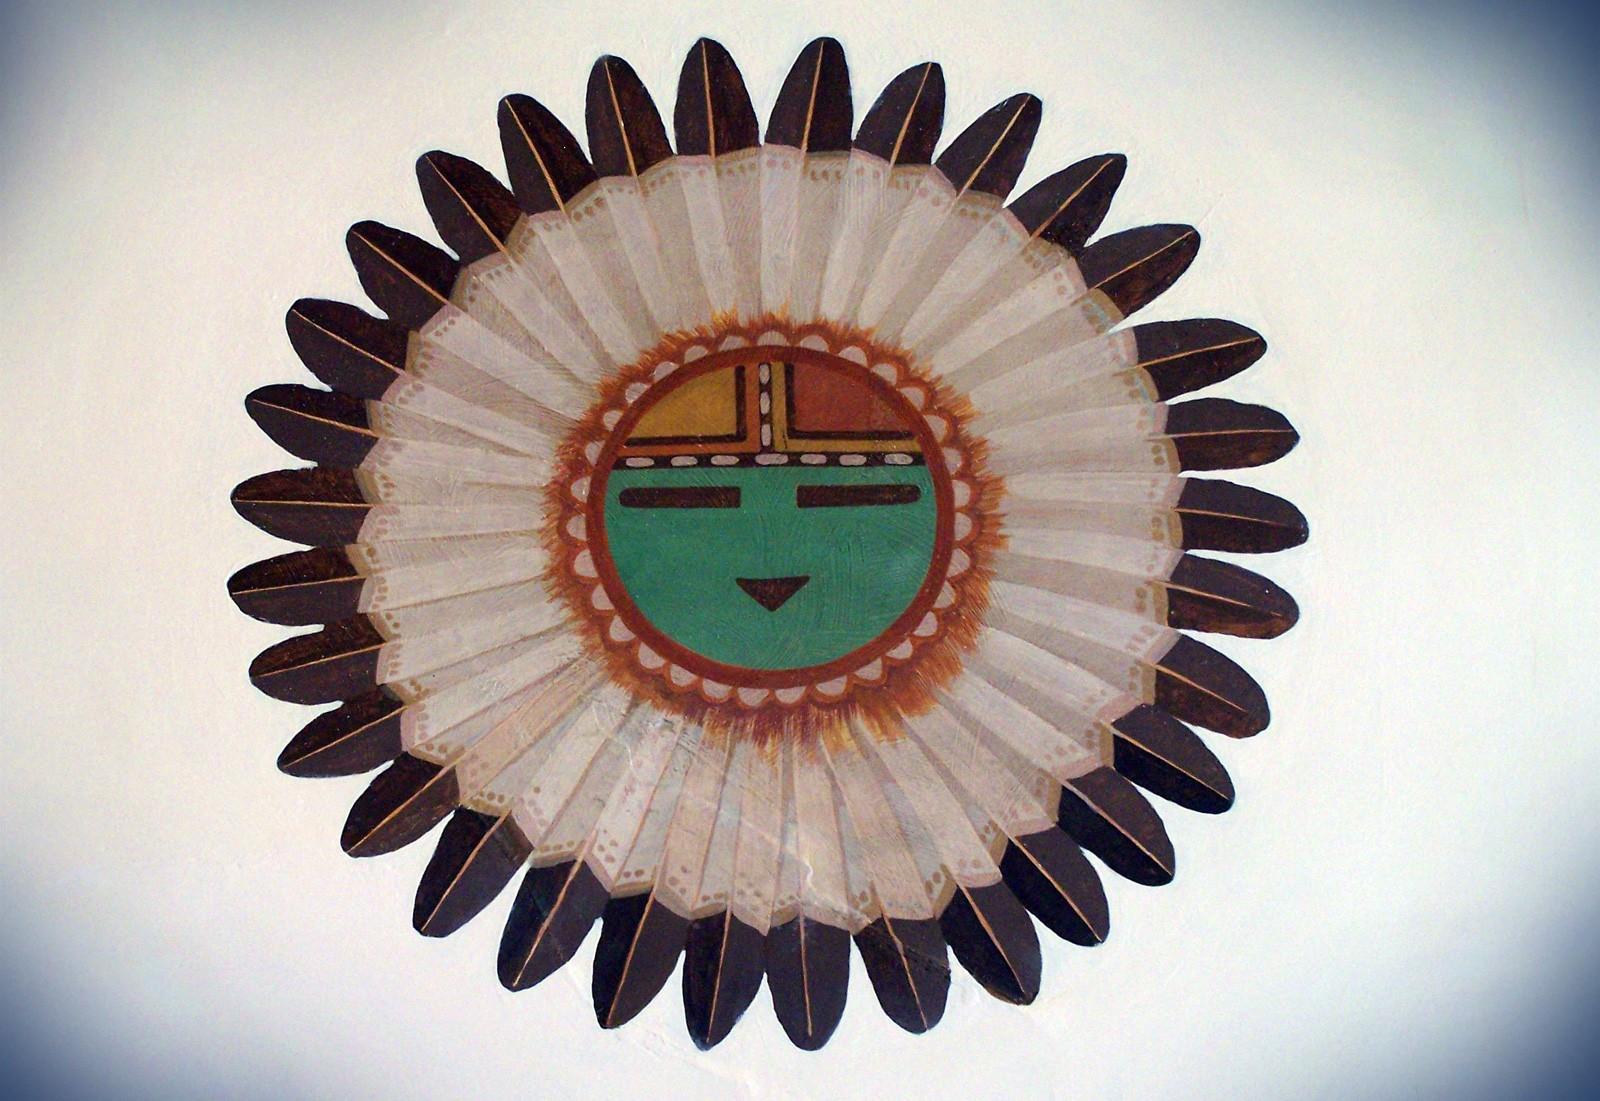 Hopi symbol - Kachina Meanings